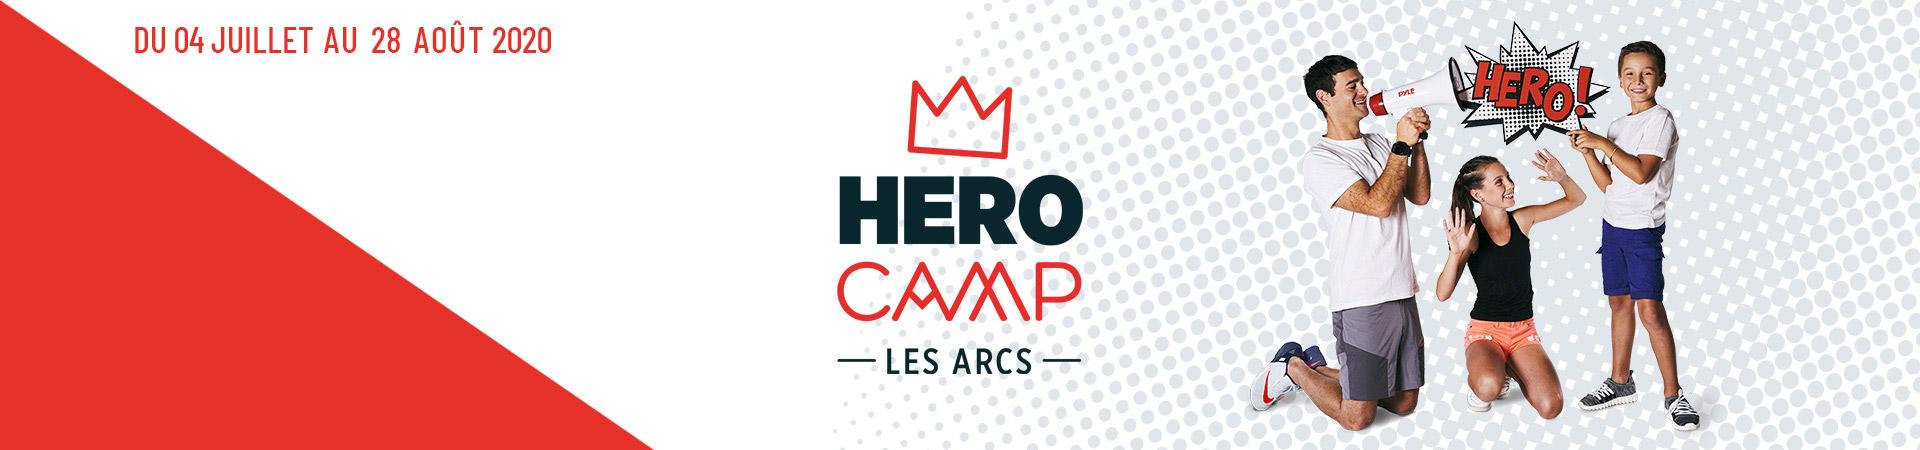 hero-camp_2020.jpg